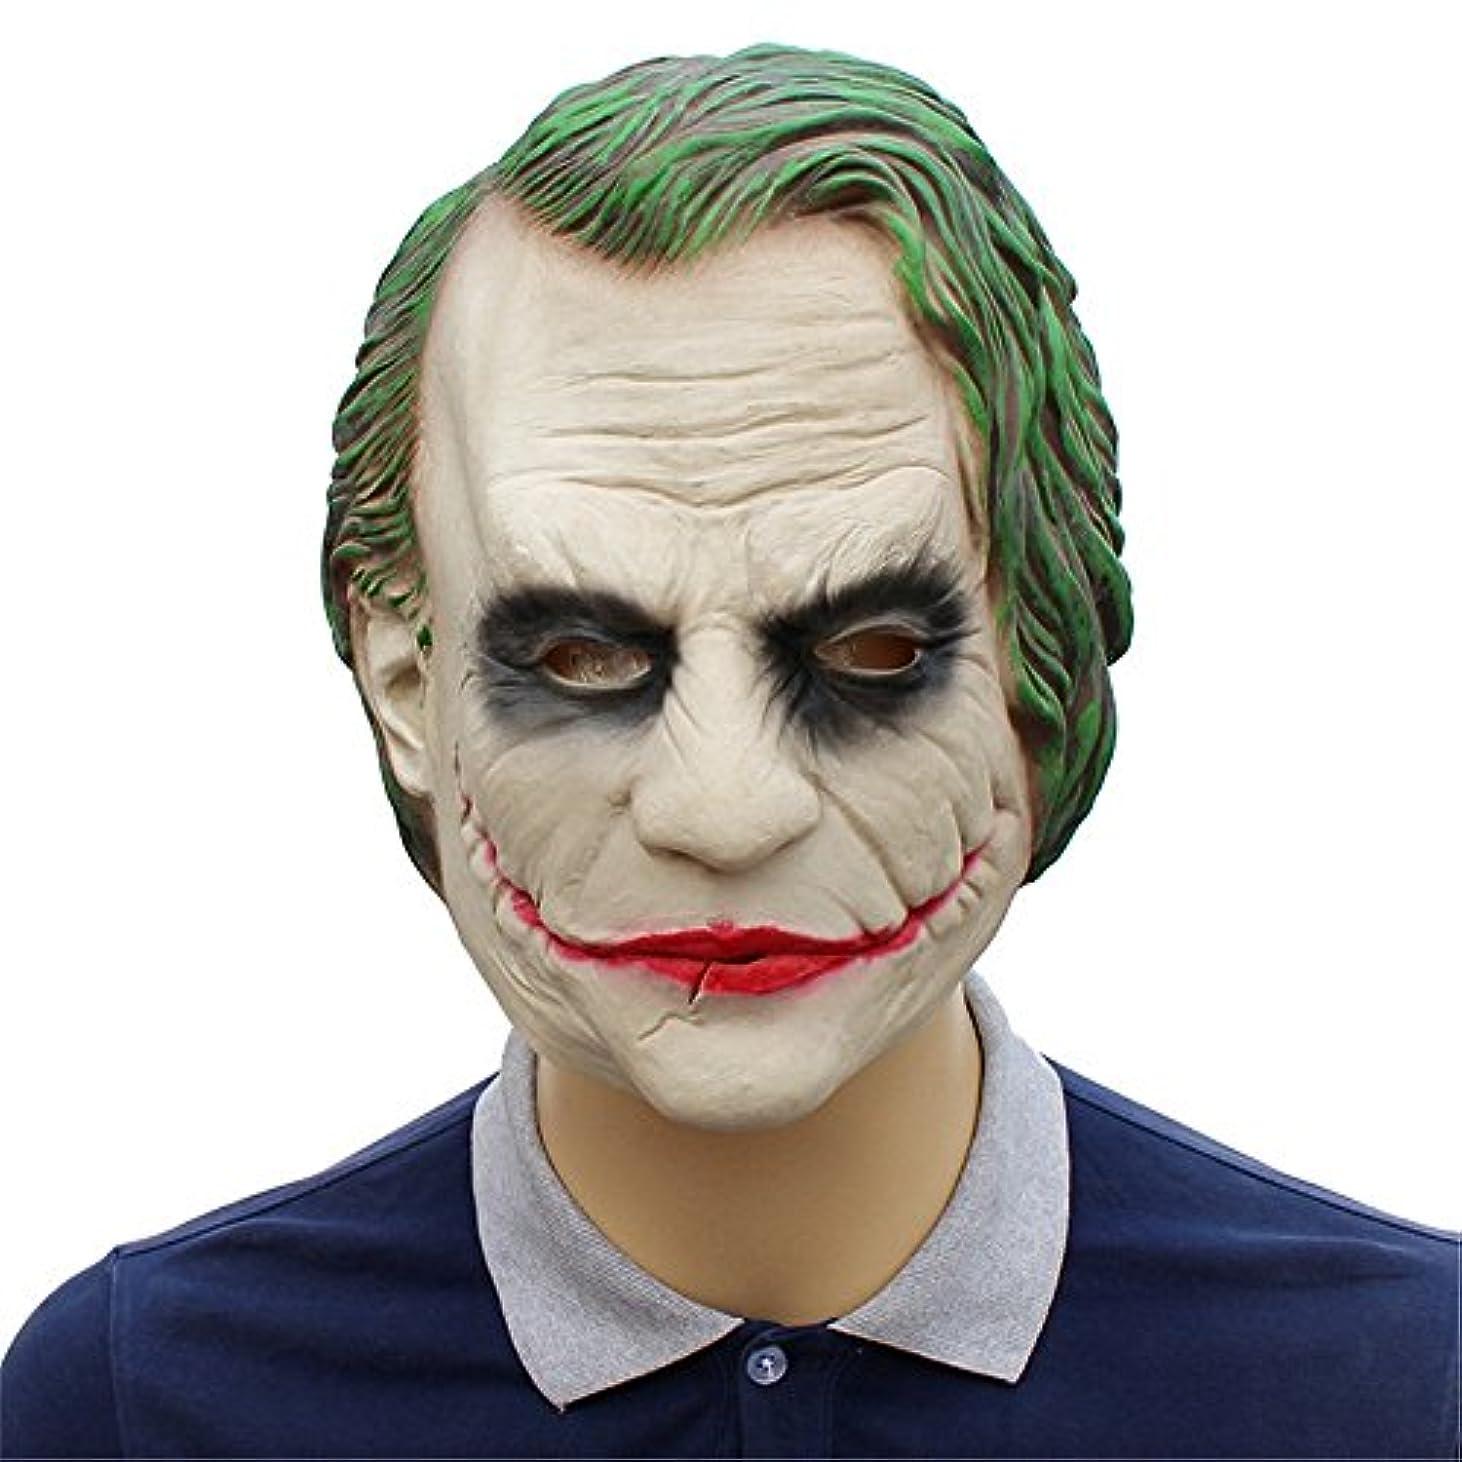 市の中心部また明日ね神話ハロウィーンバットマンピエロマスクラテックスヘッドギアダークナイトマスク